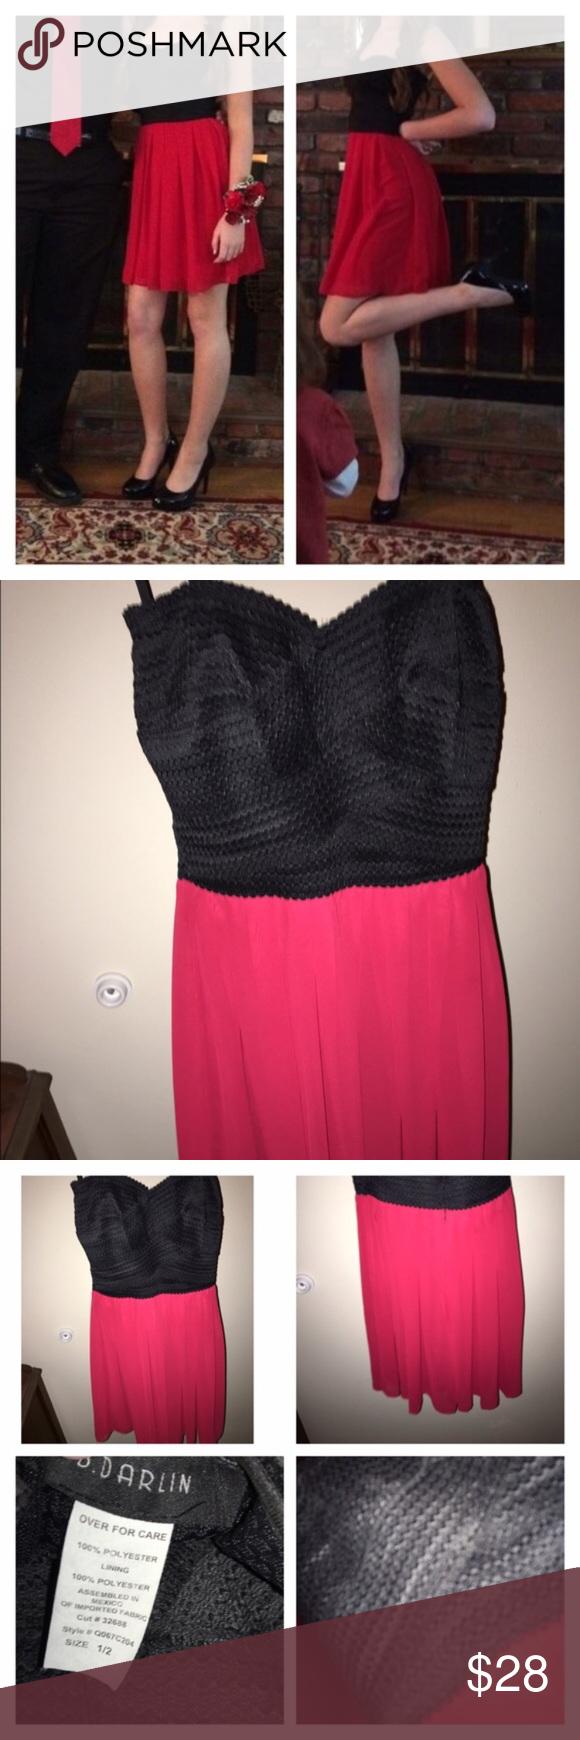 B darlin strapless dress pinterest strapless dress homecoming